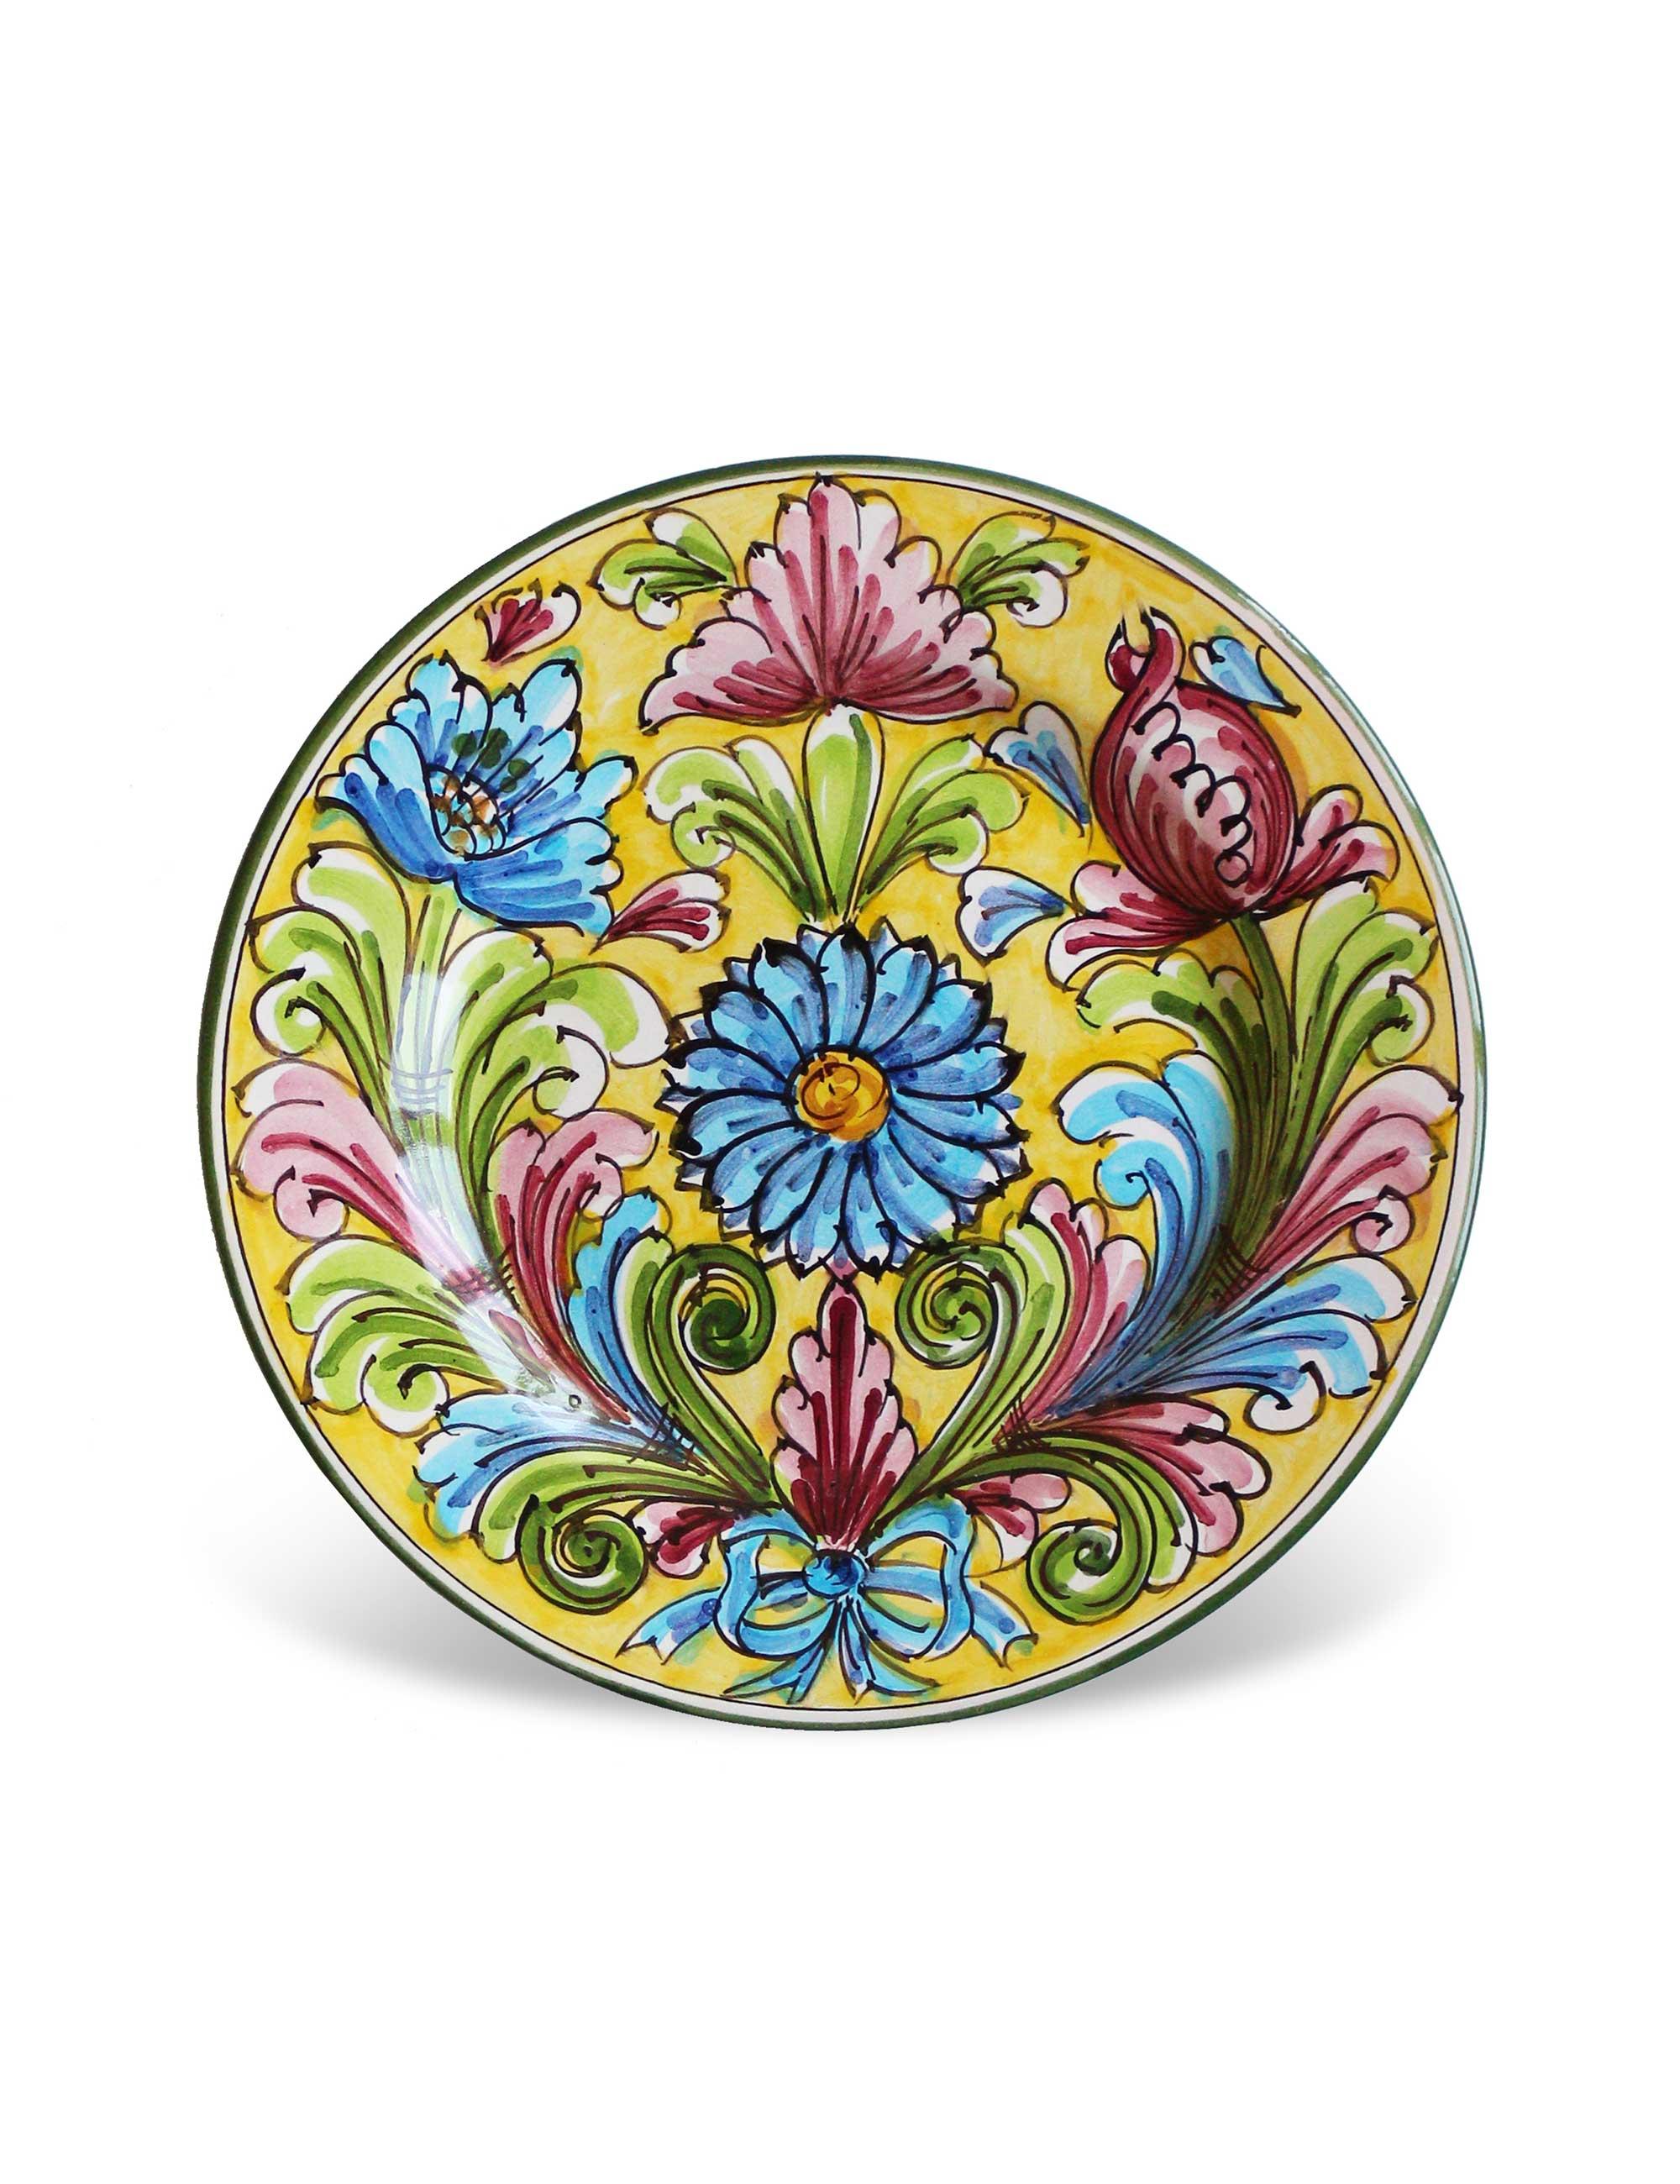 piatto dessert ceramica decorata siciliana Sortino